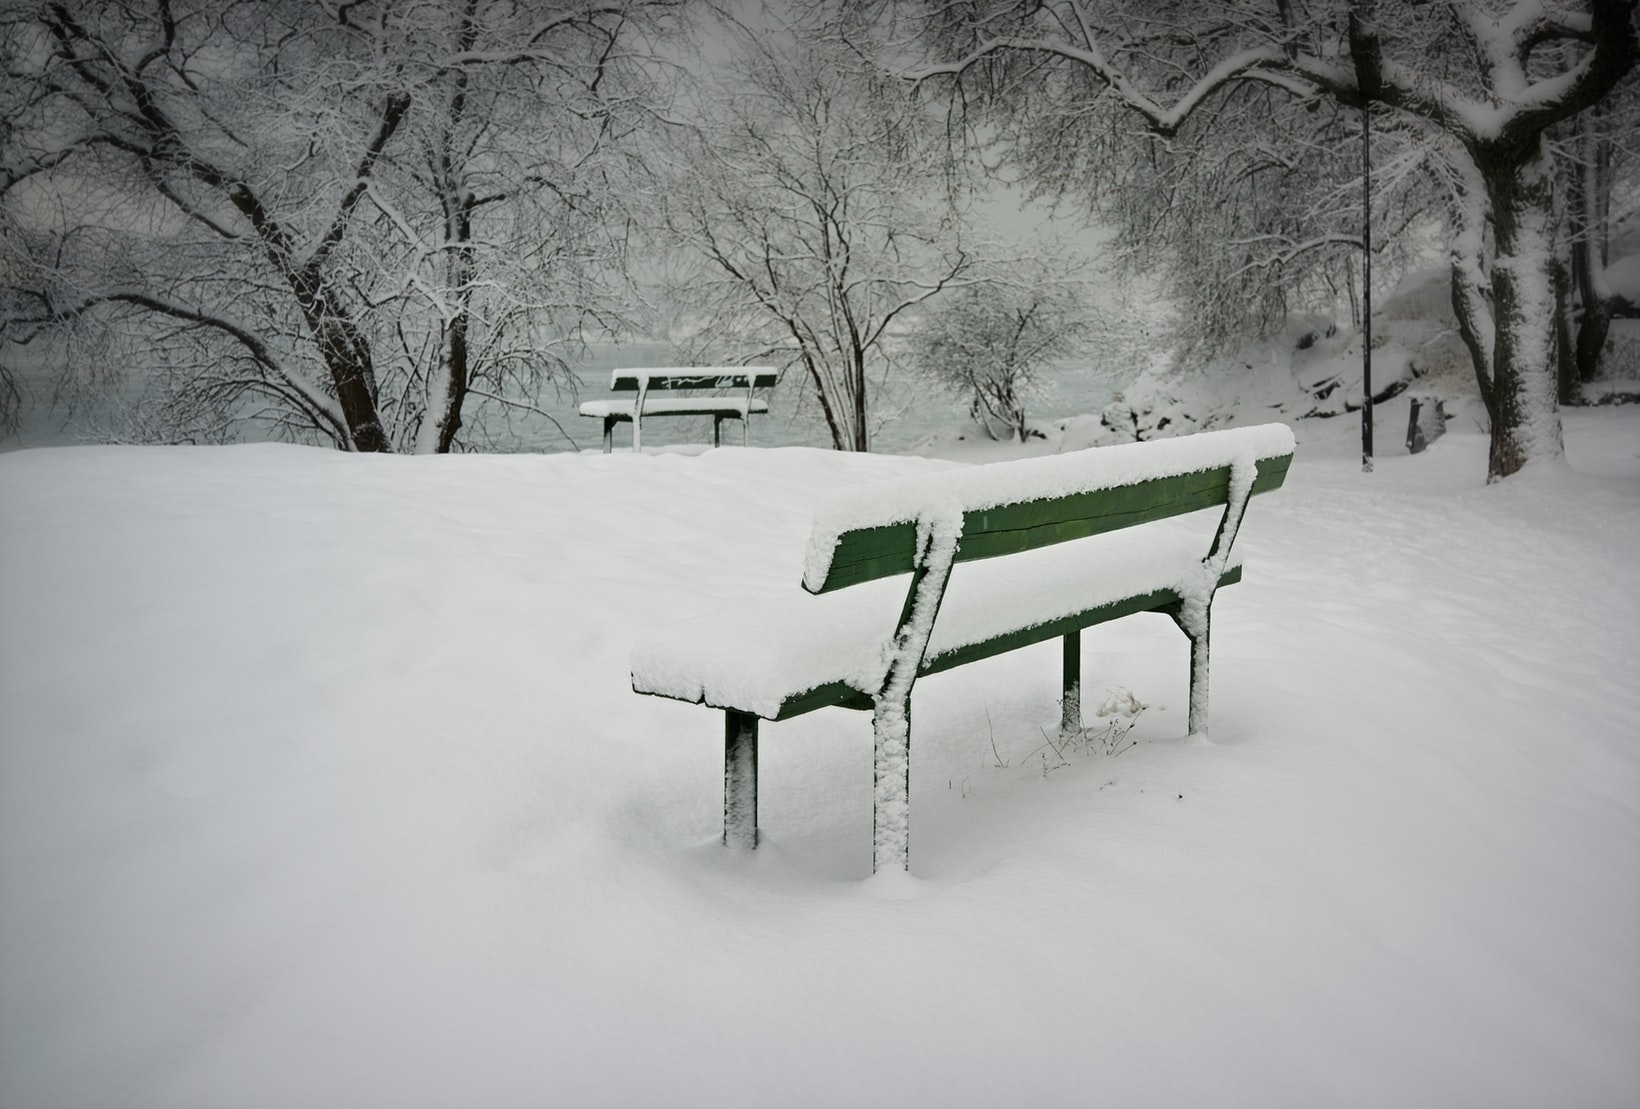 冬の情景からネイルを選んでみて